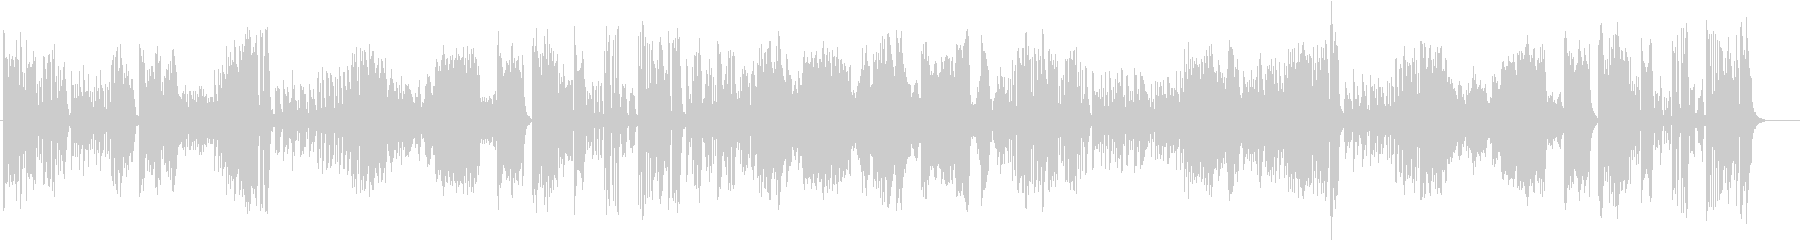 ハイドンのピアノソナタ(第37番)ニ長調の未再生の波形